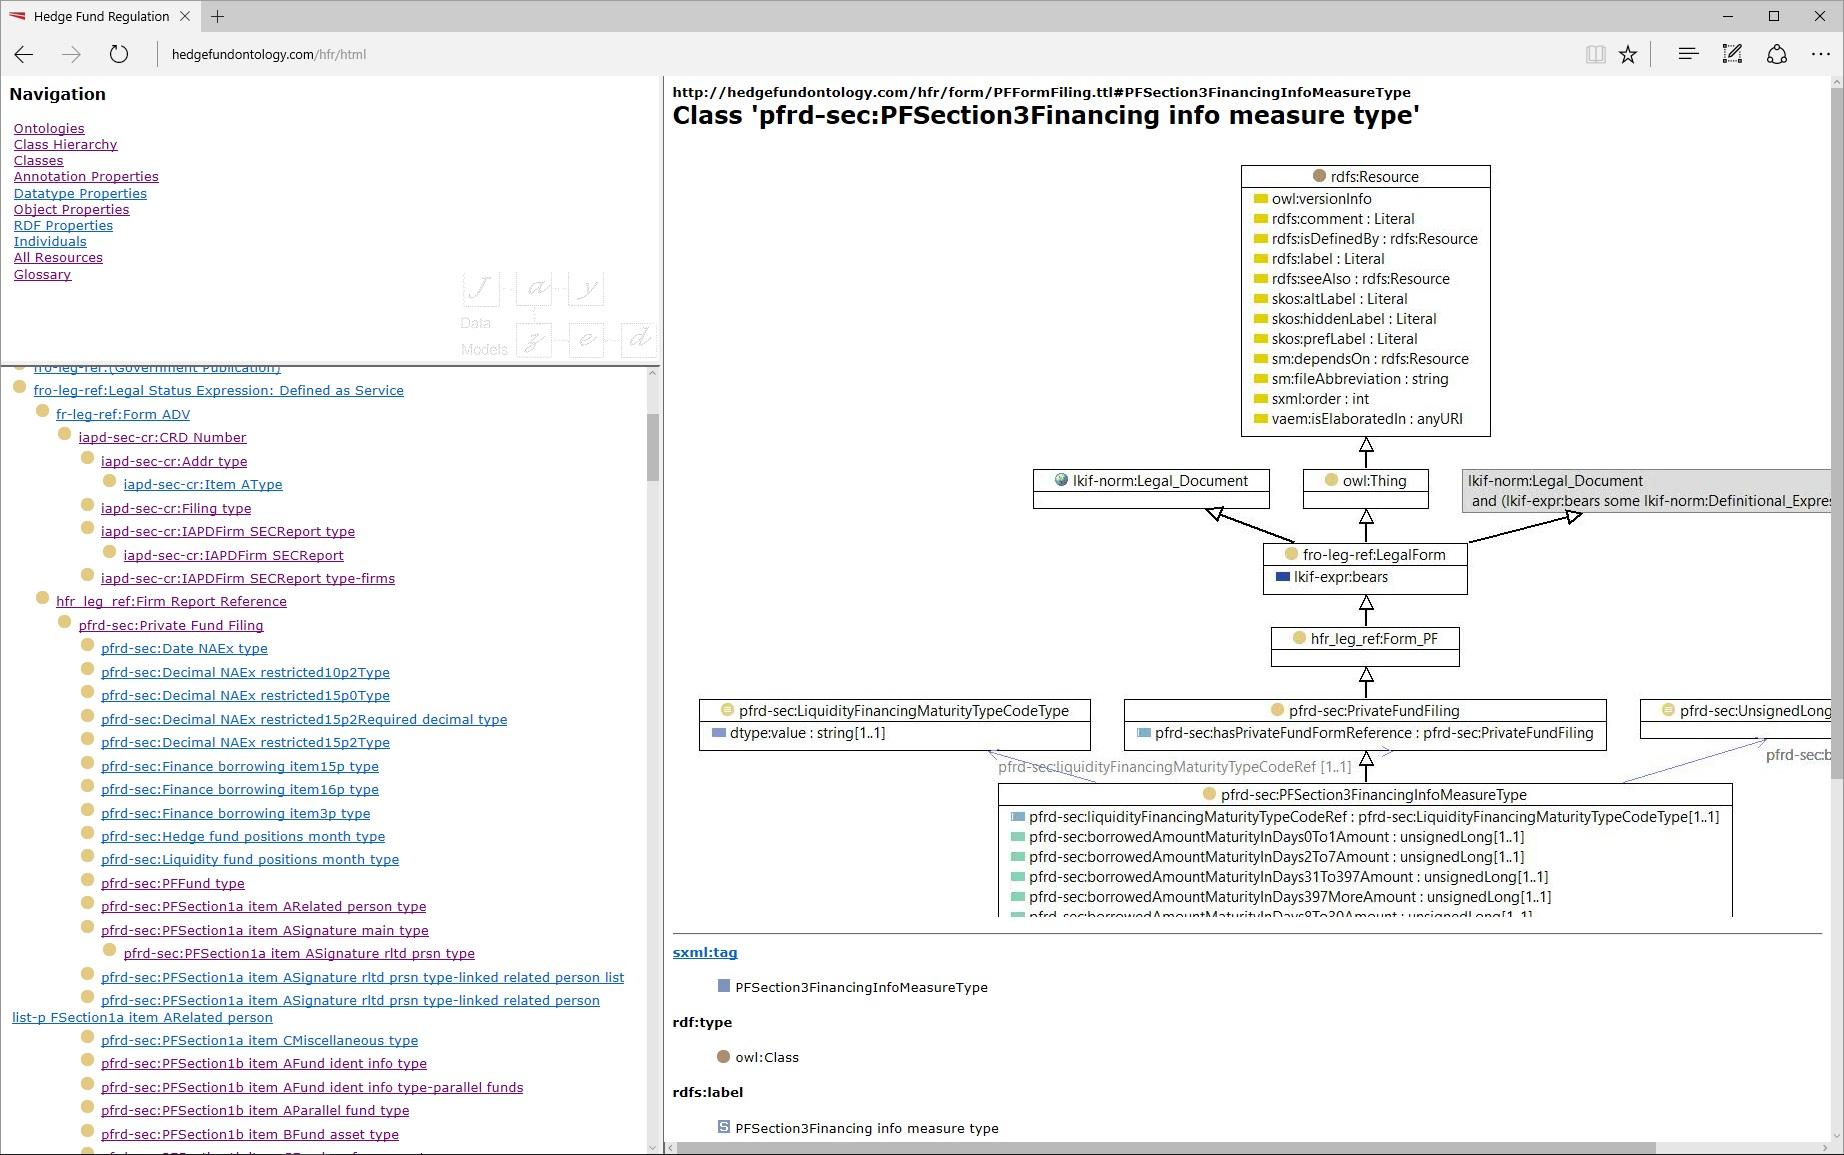 HFR-documentation-browser